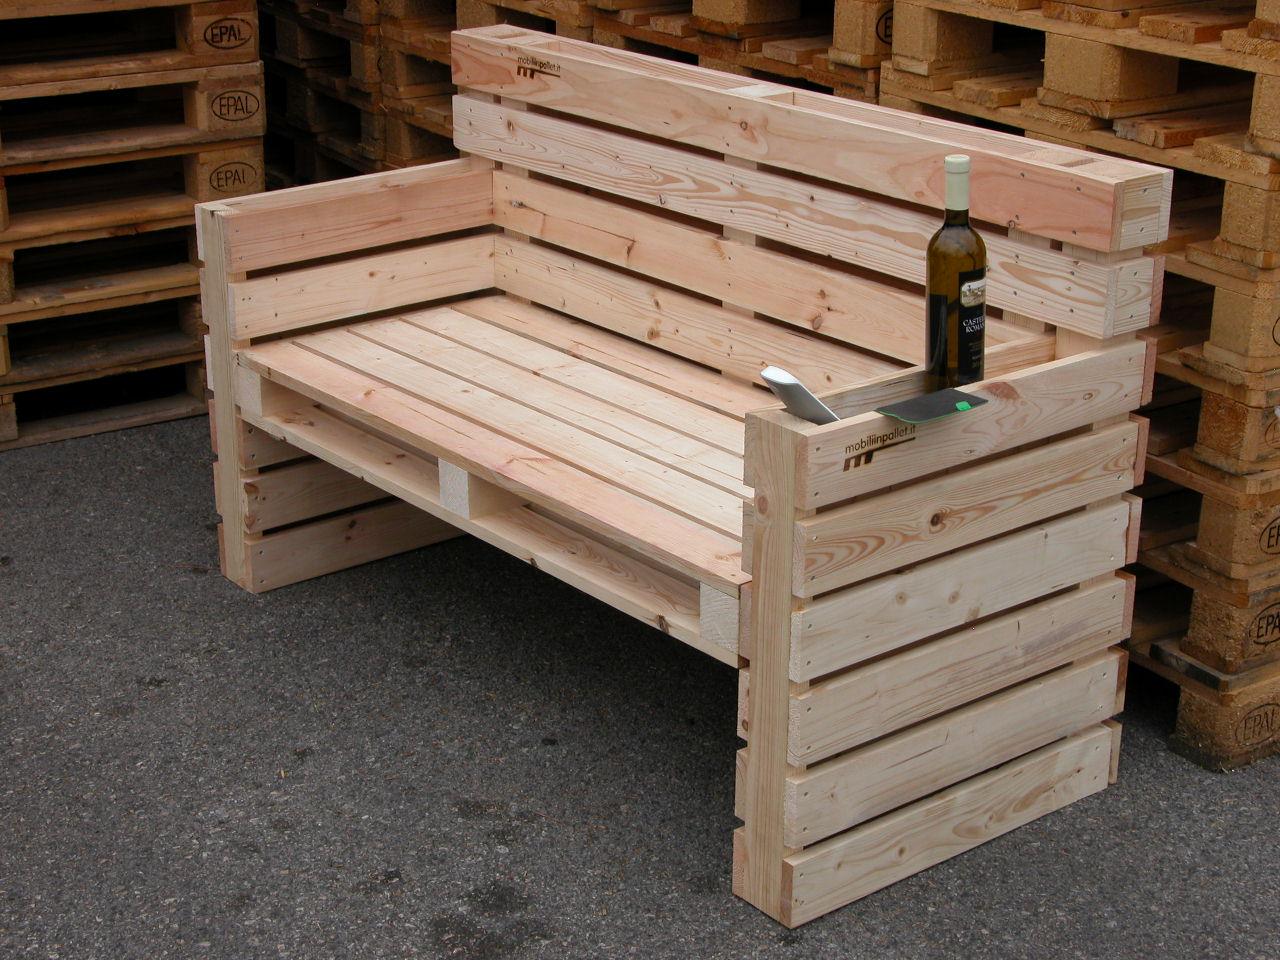 Mobili fatti con bancali di legno og94 regardsdefemmes for Pallet immagini